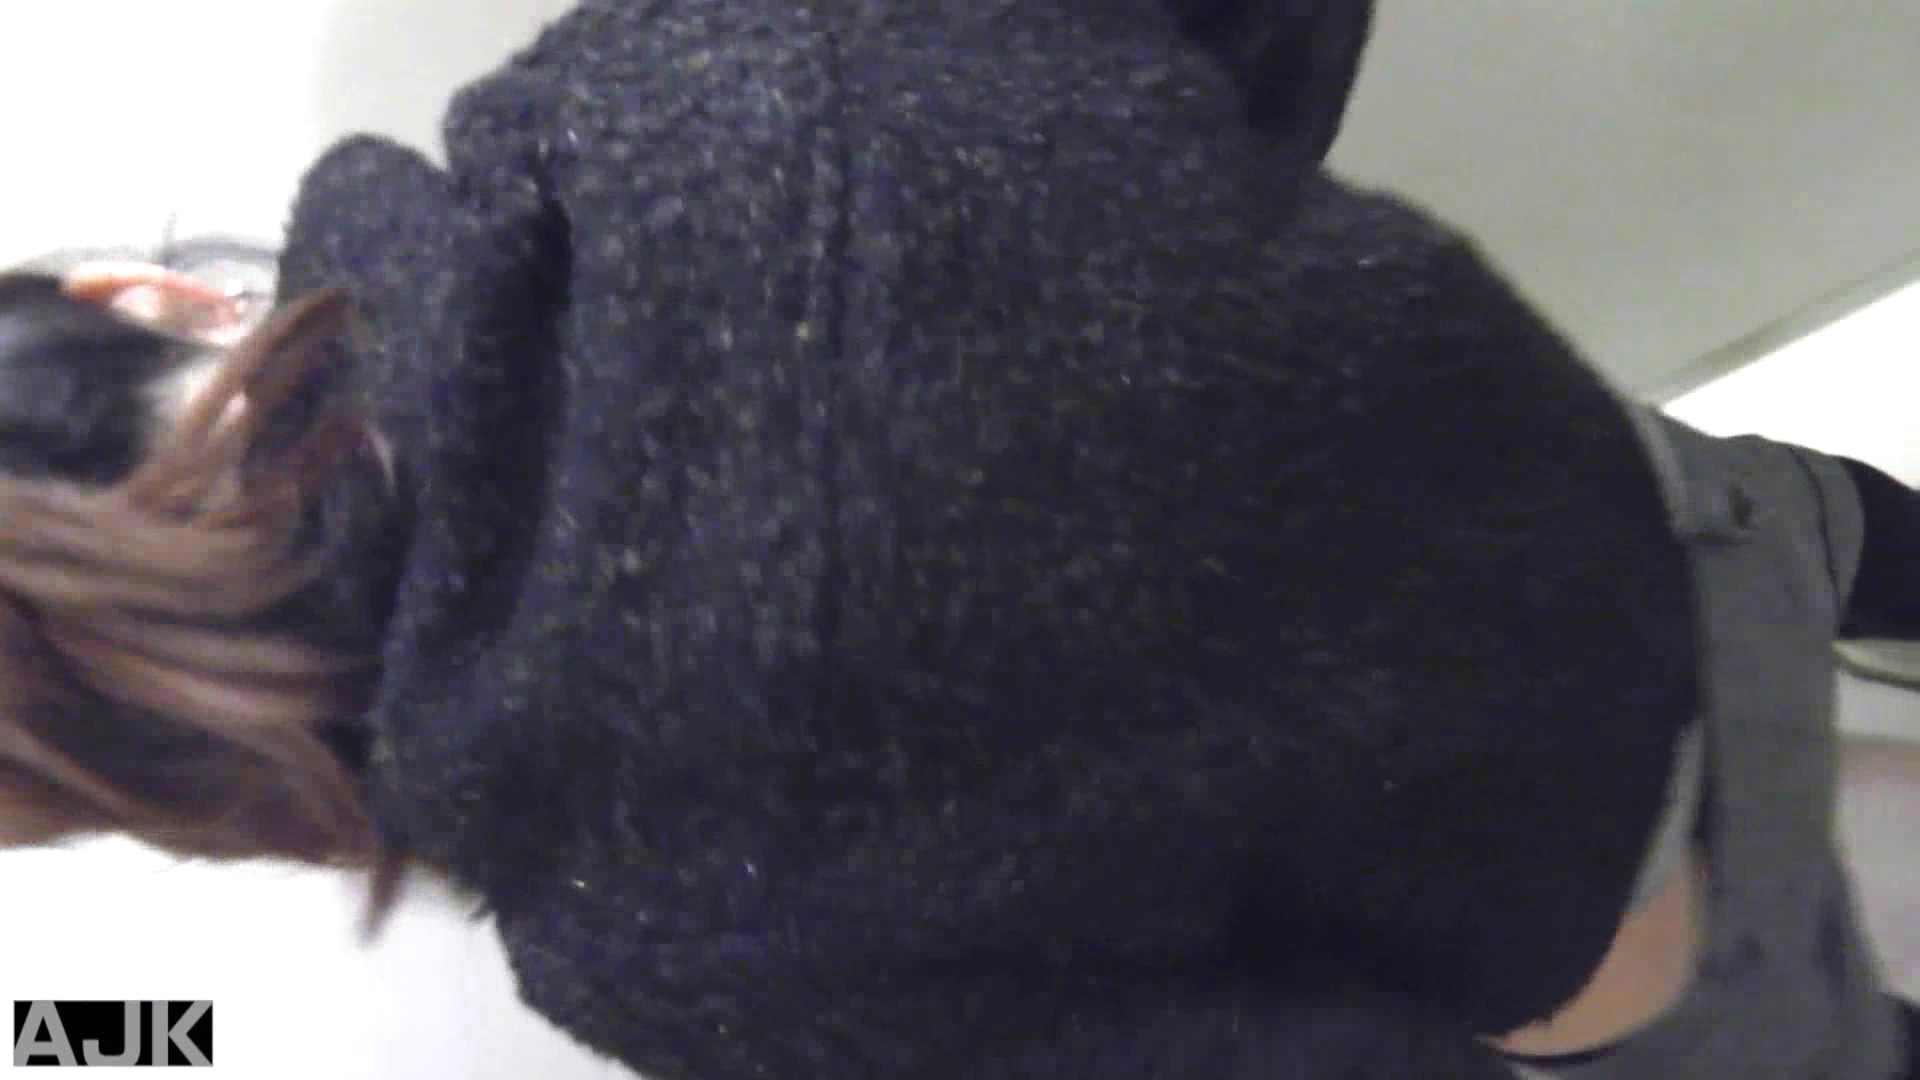 隣国上階級エリアの令嬢たちが集うデパートお手洗い Vol.07 オマンコ・ぱっくり 戯れ無修正画像 48画像 28